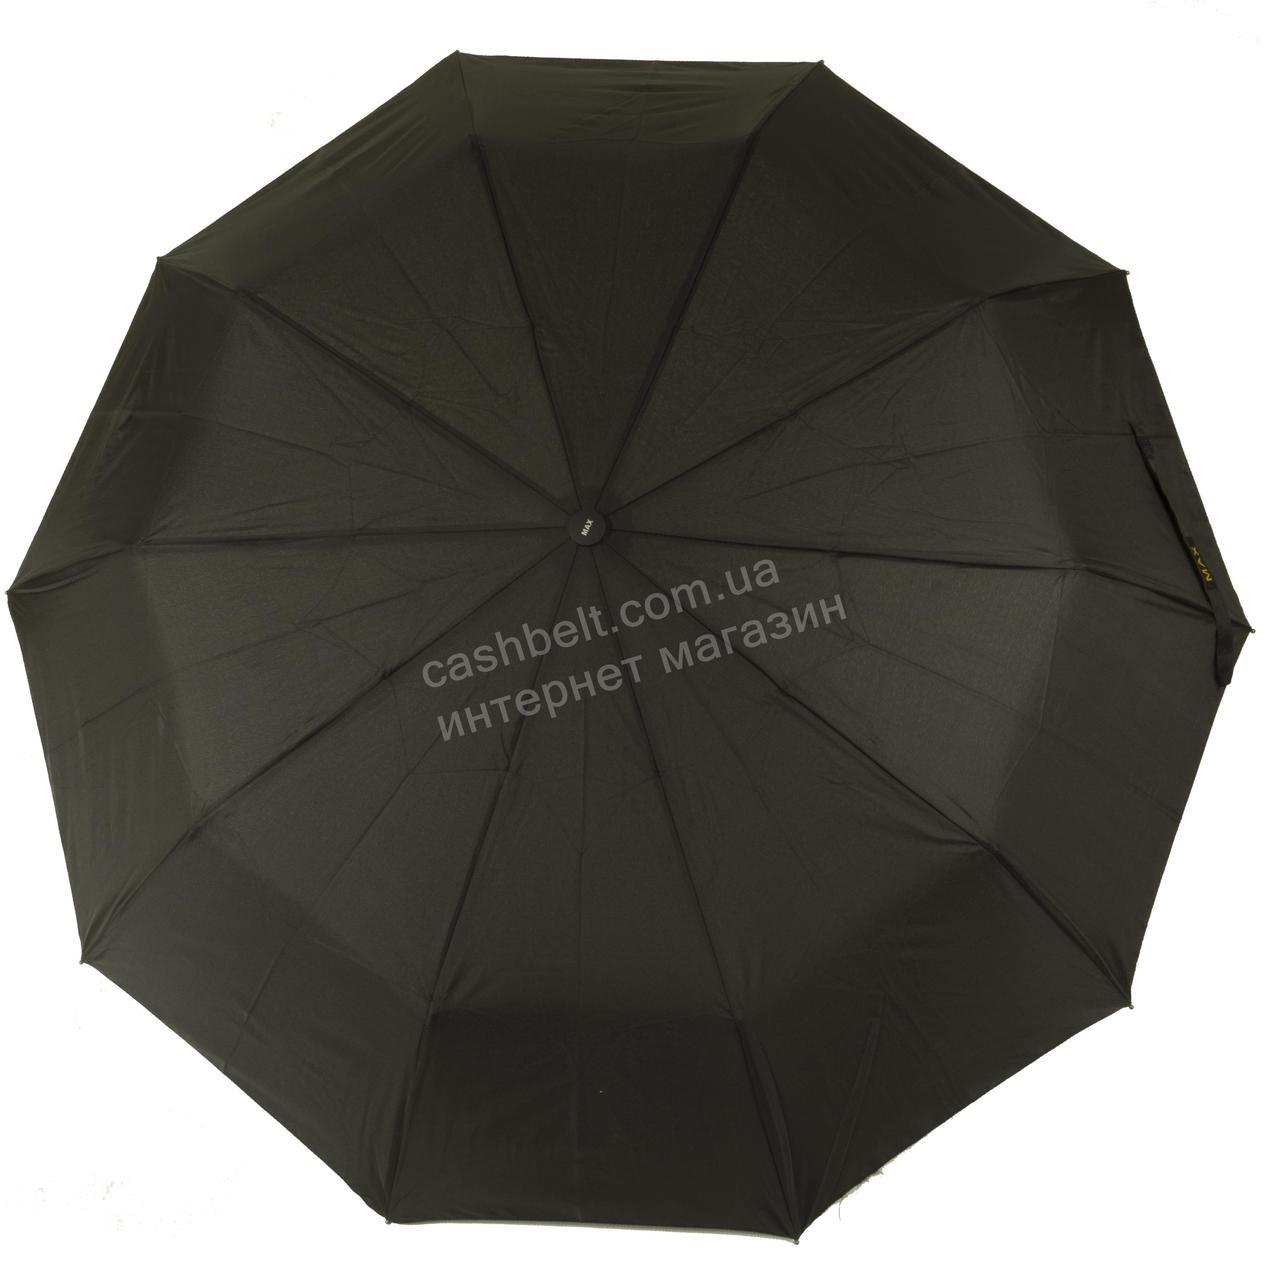 Мужской прочный зонт полуавтомат классический черный цвет MAX KOMFORT art. 109 черный (100146)